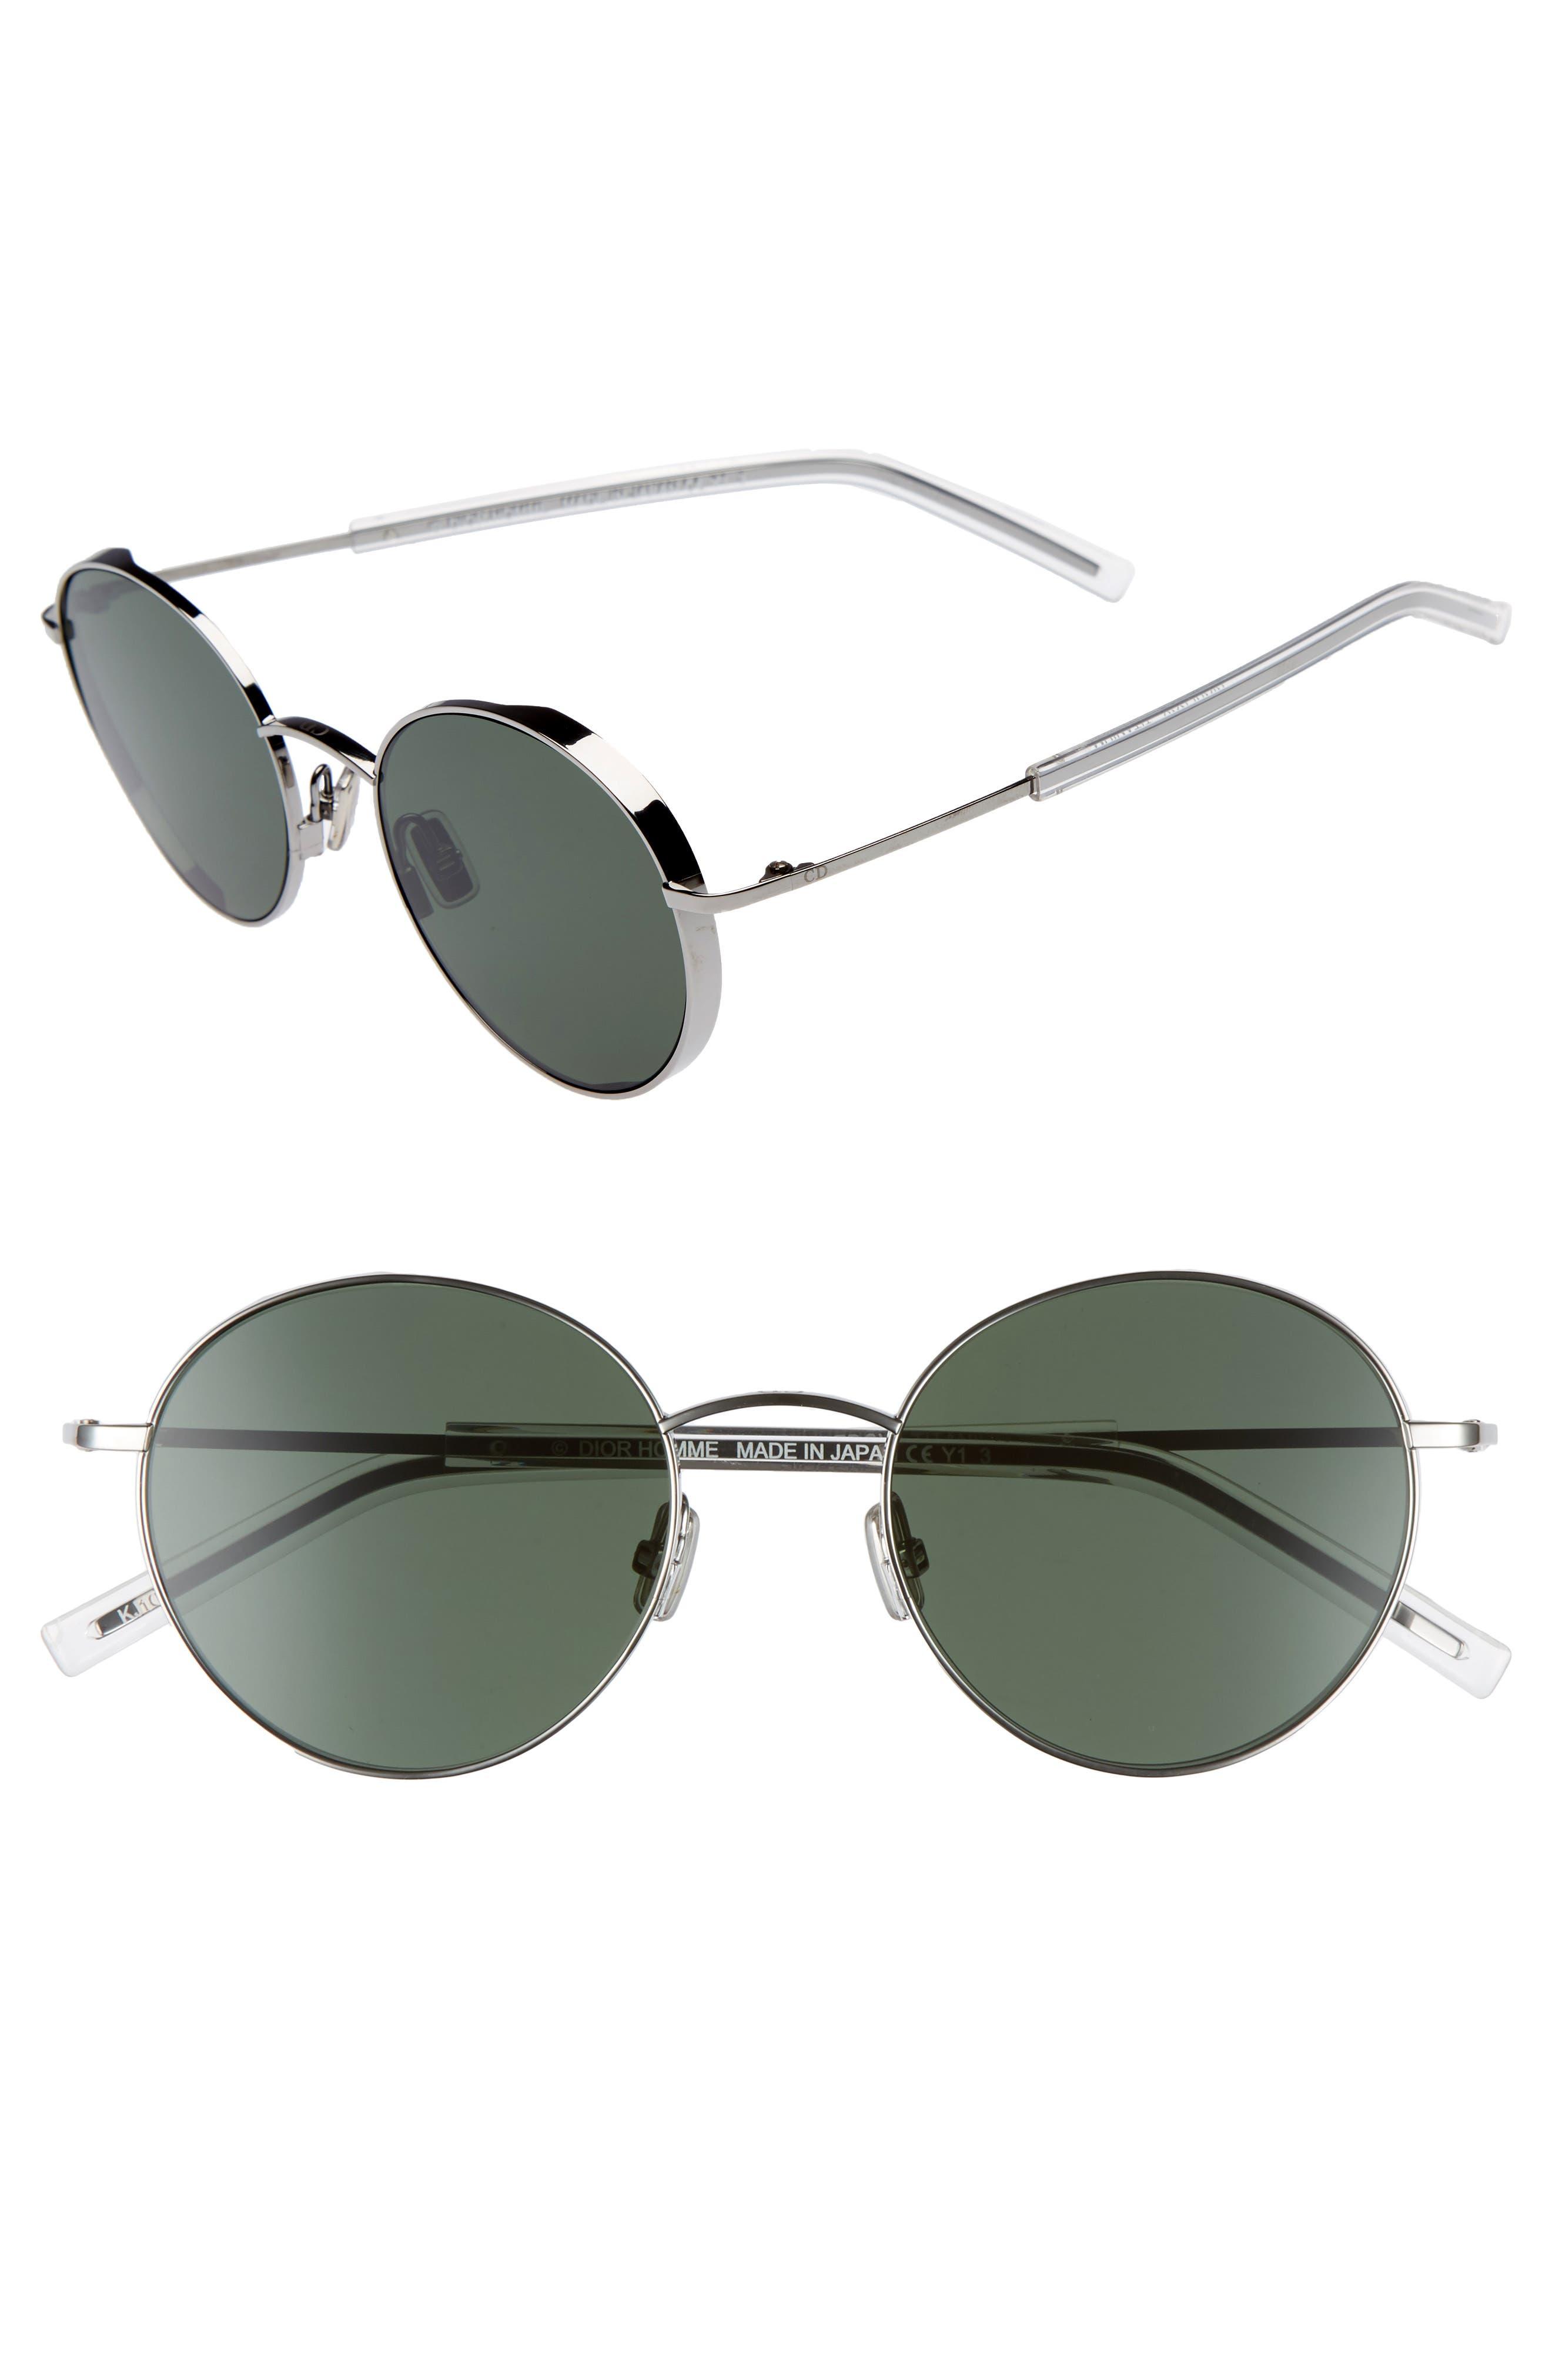 Edgy 52mm Sunglasses,                             Main thumbnail 1, color,                             DARK RUTHENIUM